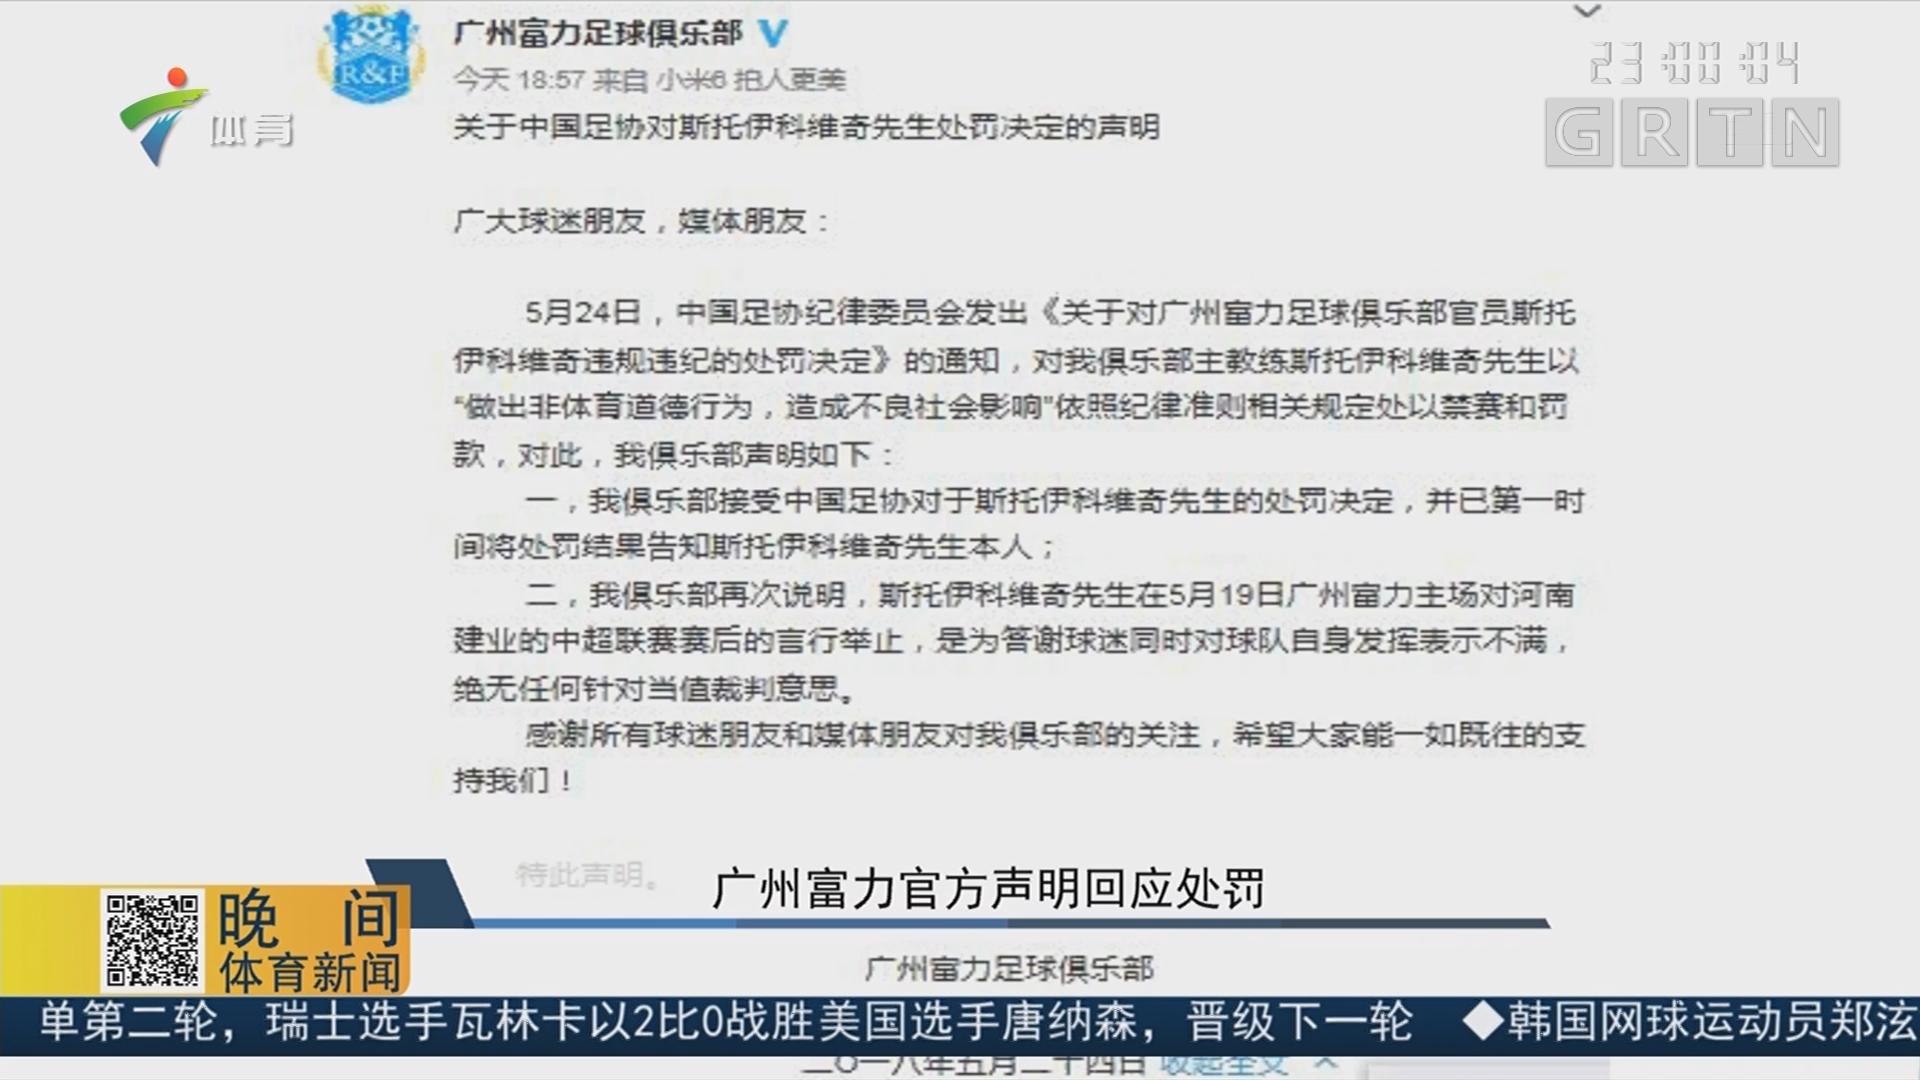 广州富力官方声明回应处罚